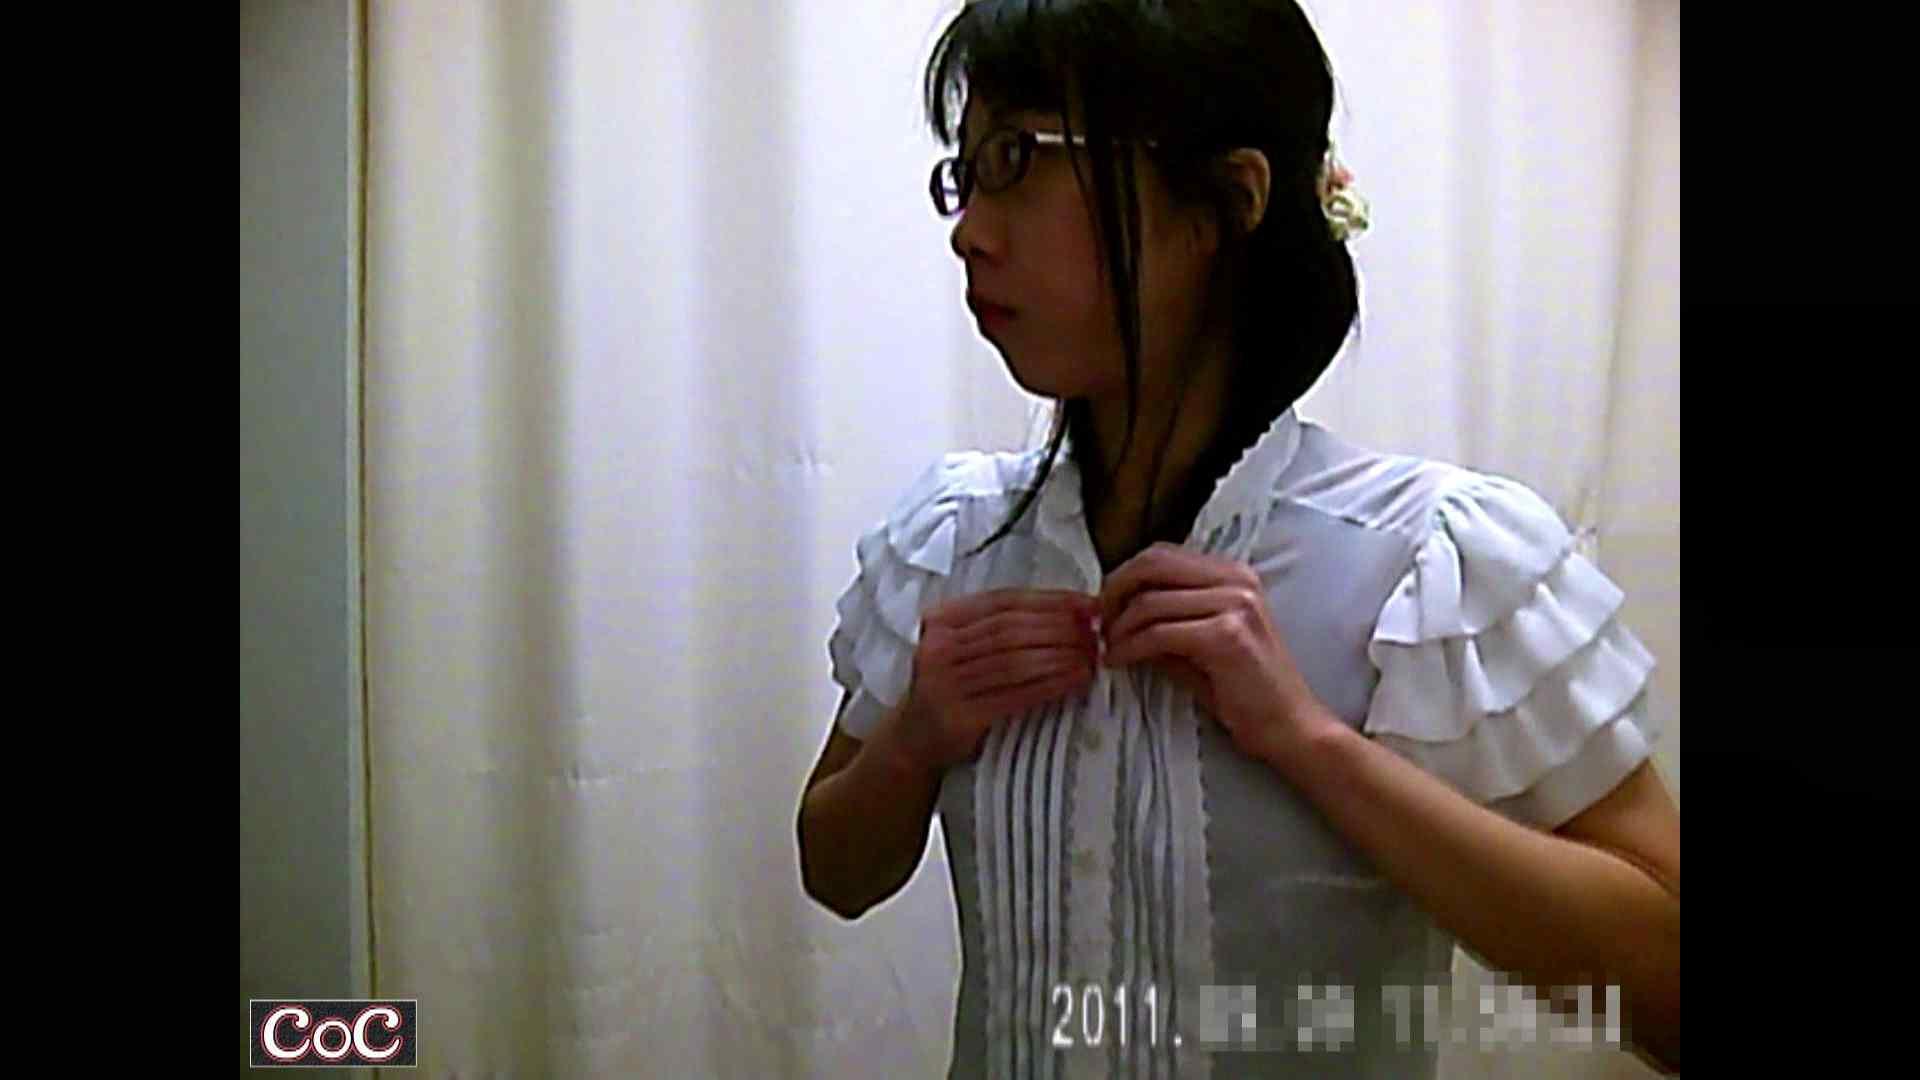 病院おもいっきり着替え! vol.23 盗撮 盗撮動画紹介 56PICs 30